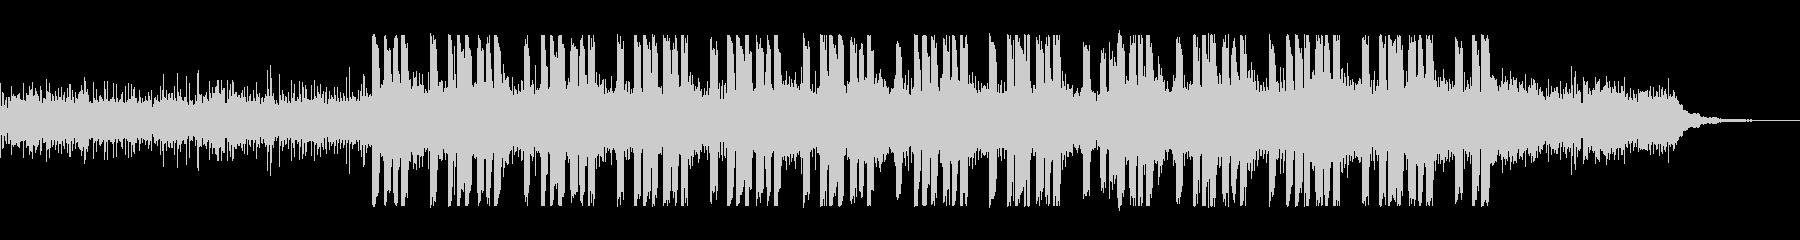 遅めBPMのクールなエレクトロの未再生の波形